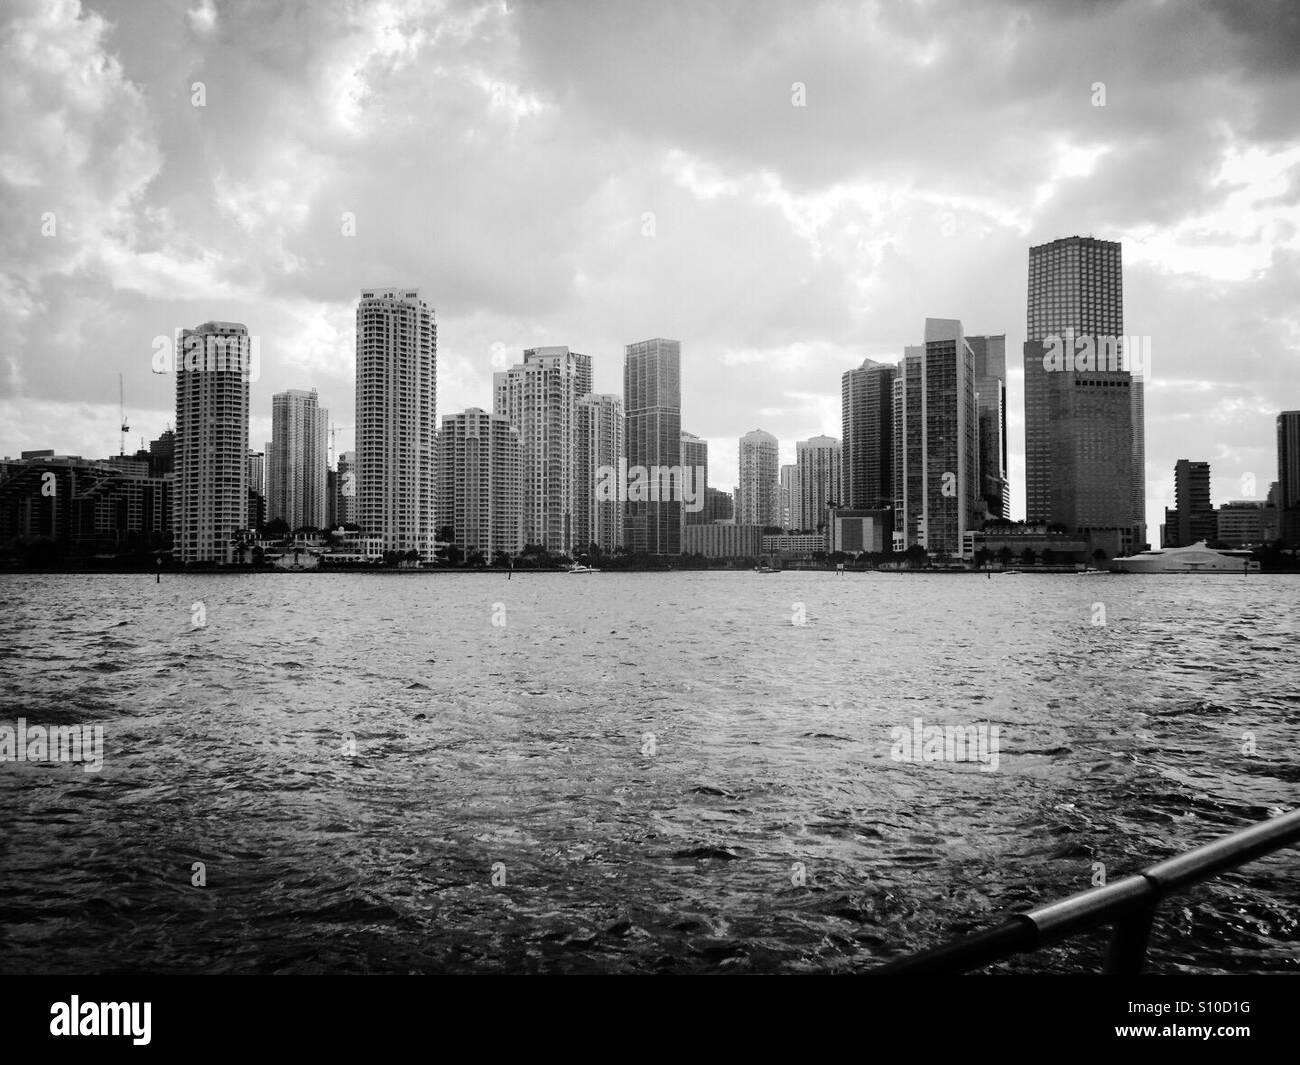 Skyscrapers in Miami bay - Stock Image